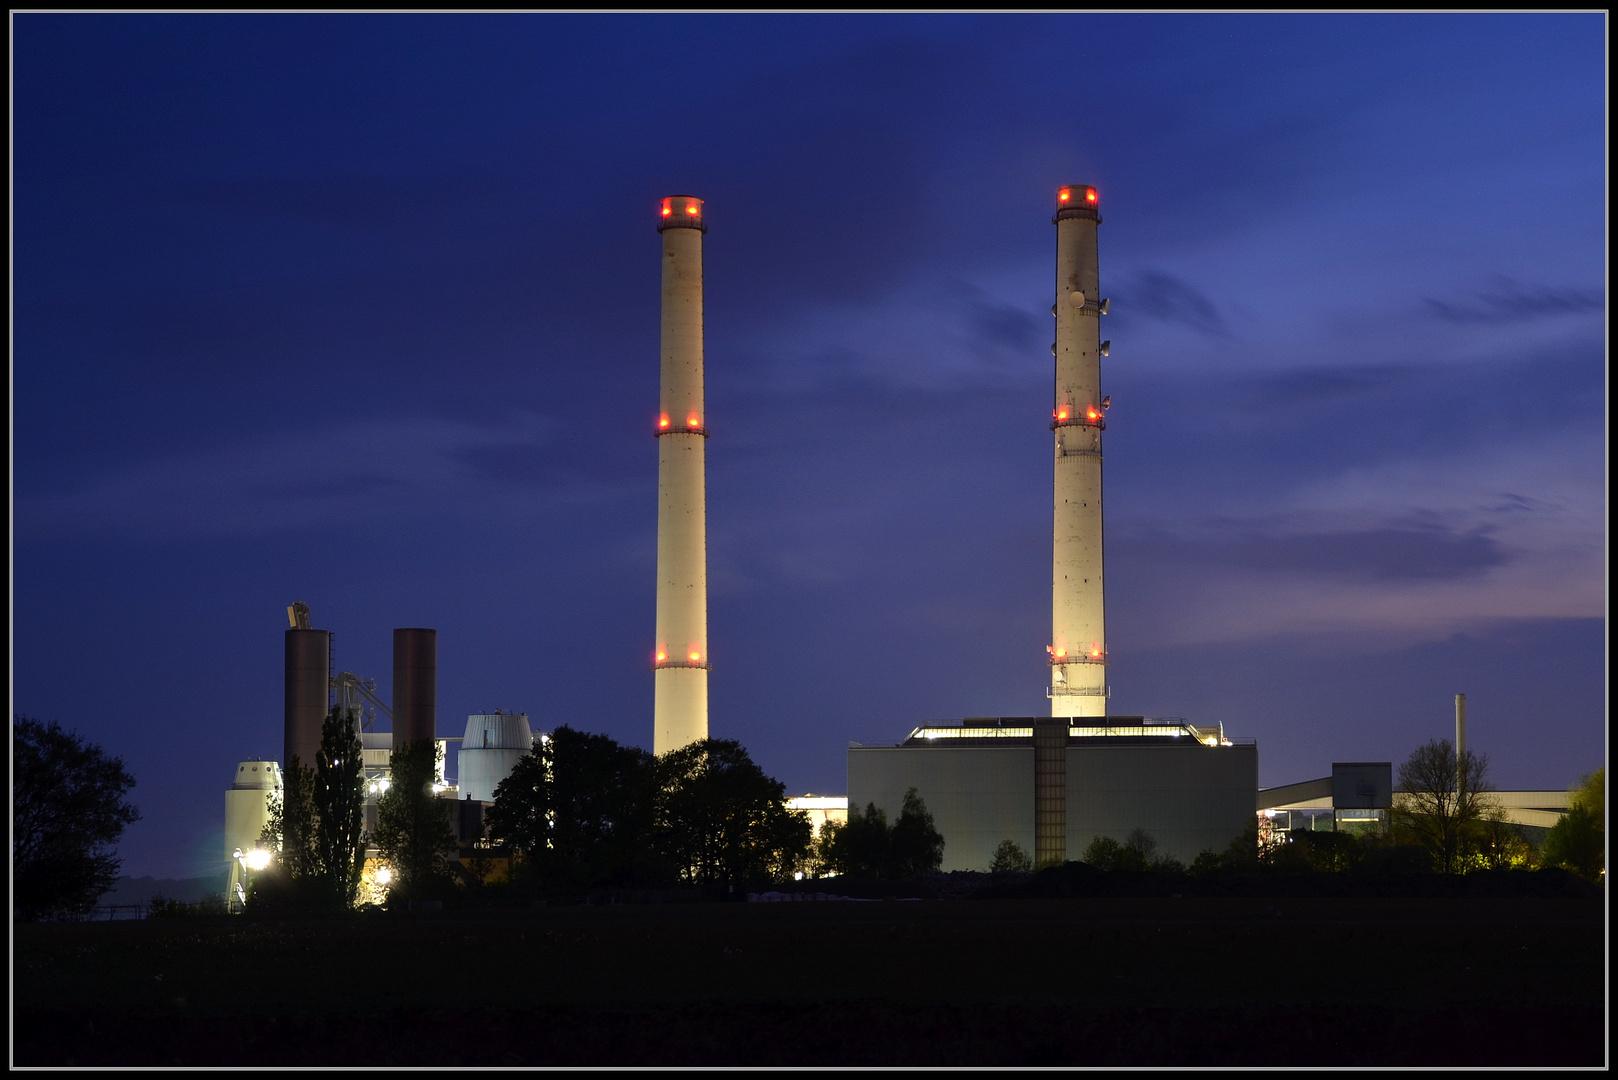 Heizkraftwerk Wedel zur blauen Stunde